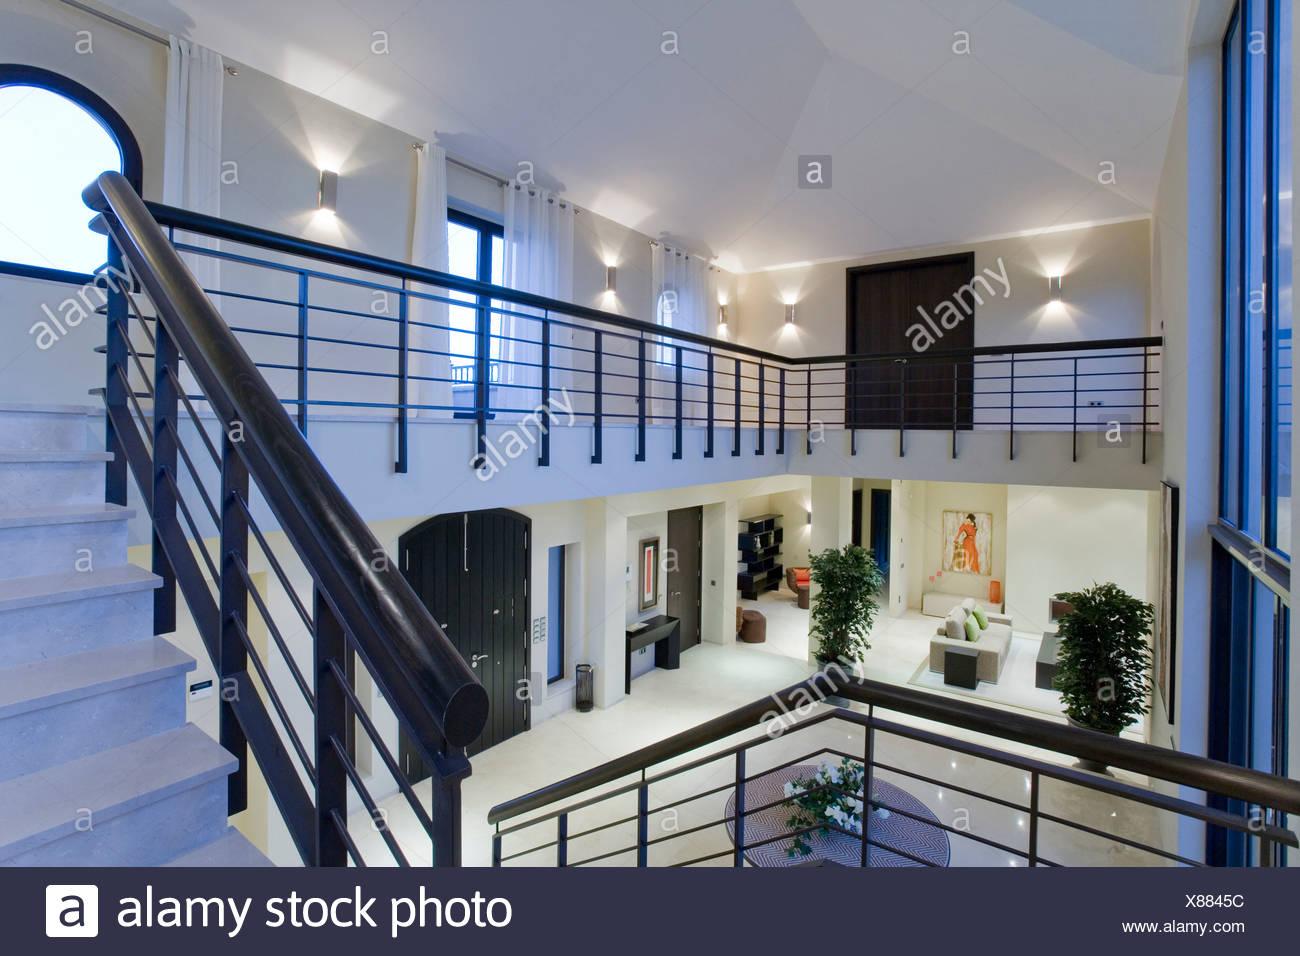 Altezza Dei Parapetti metallo nero parapetti e scale di marmo in doppia altezza